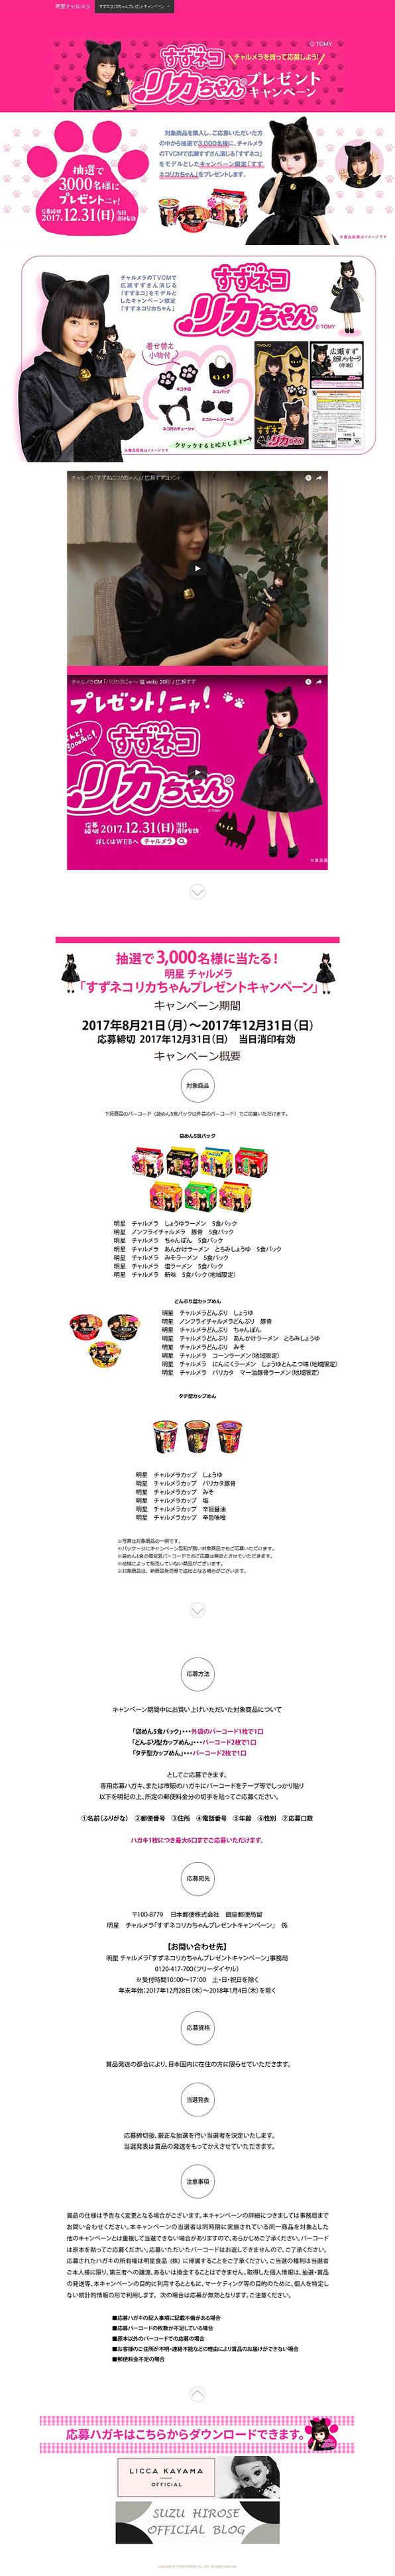 【明星】チャルメラ すずネコ・リカちゃんプレゼントキャンペーン